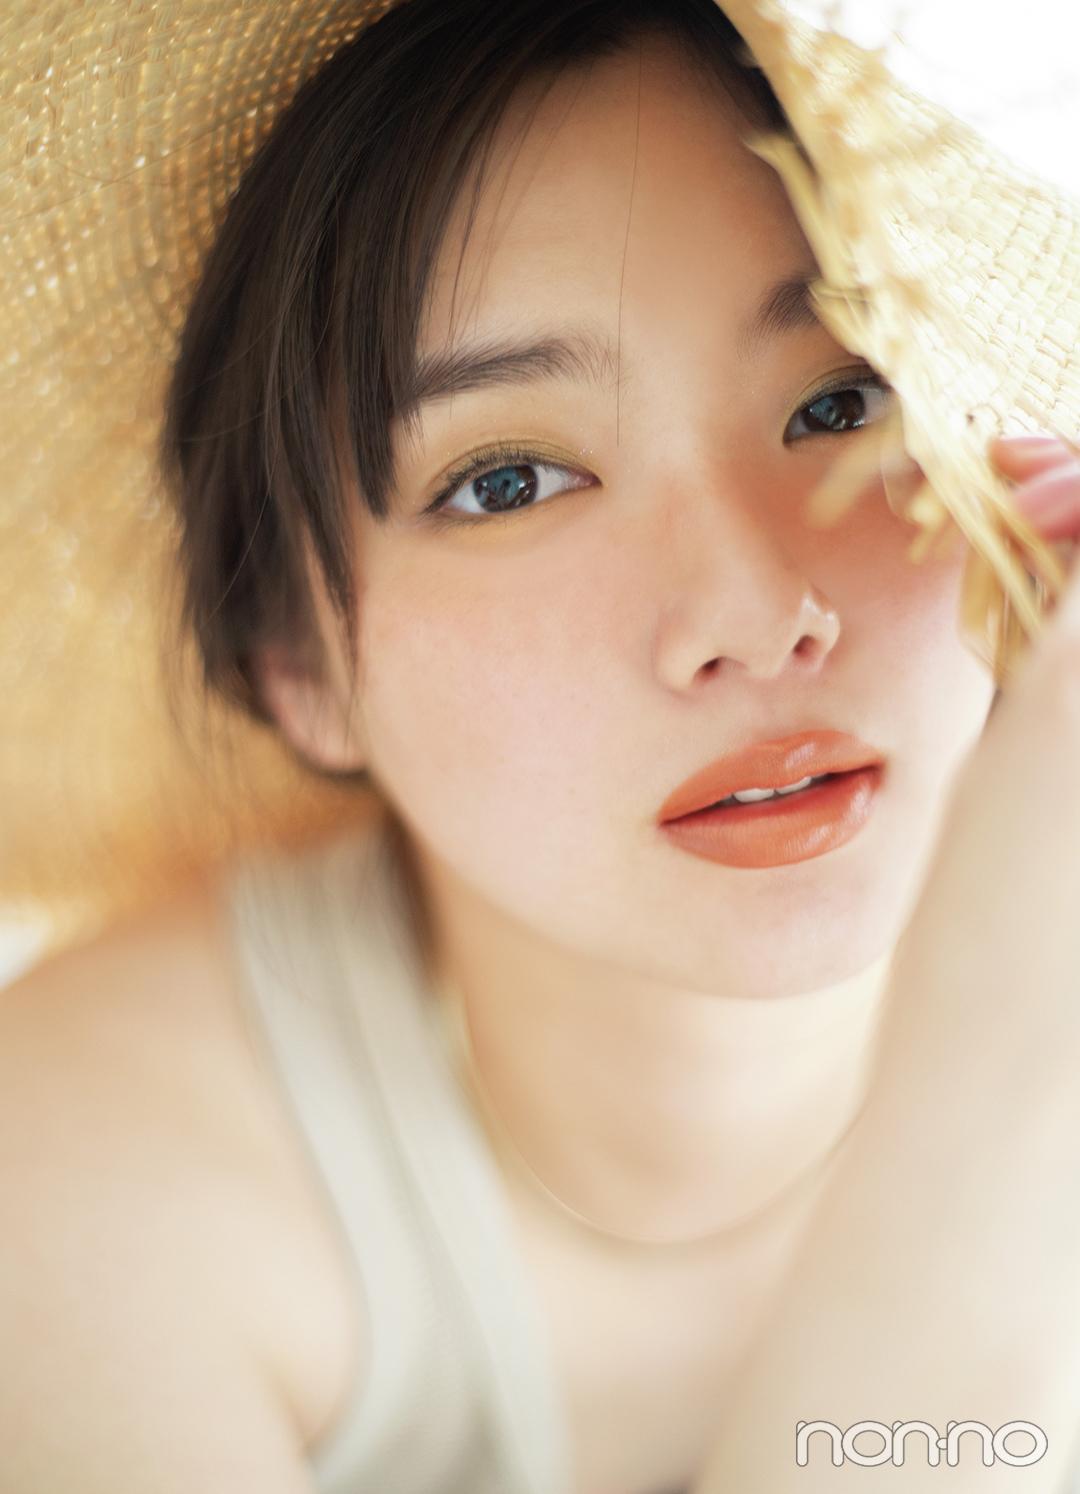 ウェディングドレス姿も! 新川優愛フォトギャラリー_1_20